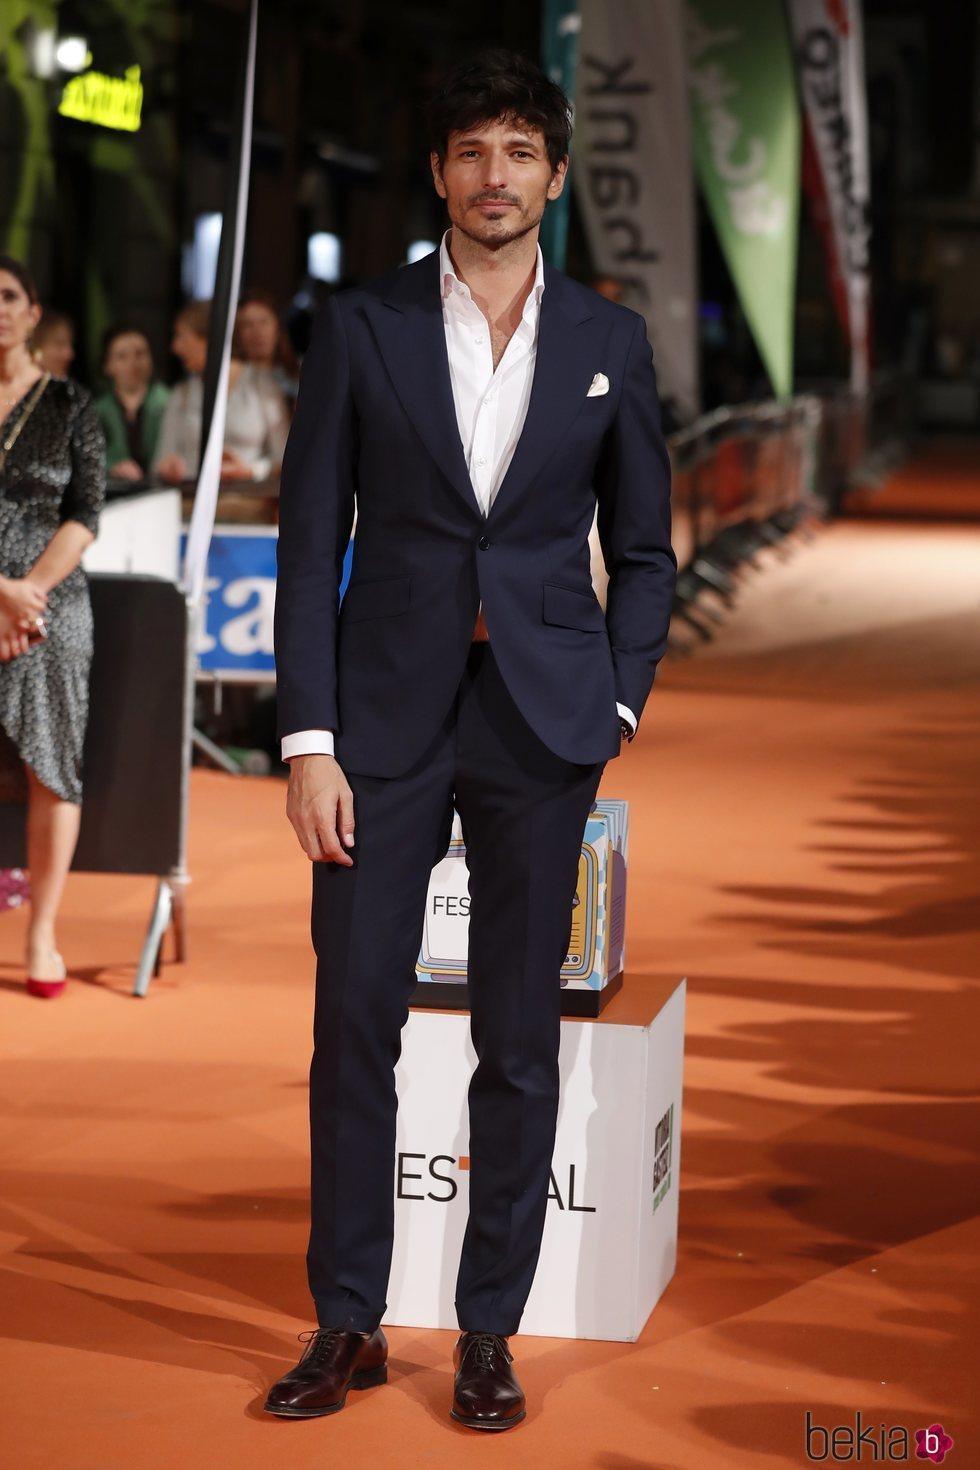 Andrés Velencoso en la premiere de la segunda temporada de 'Velvet Colección' en el FesTVal de Vitoria